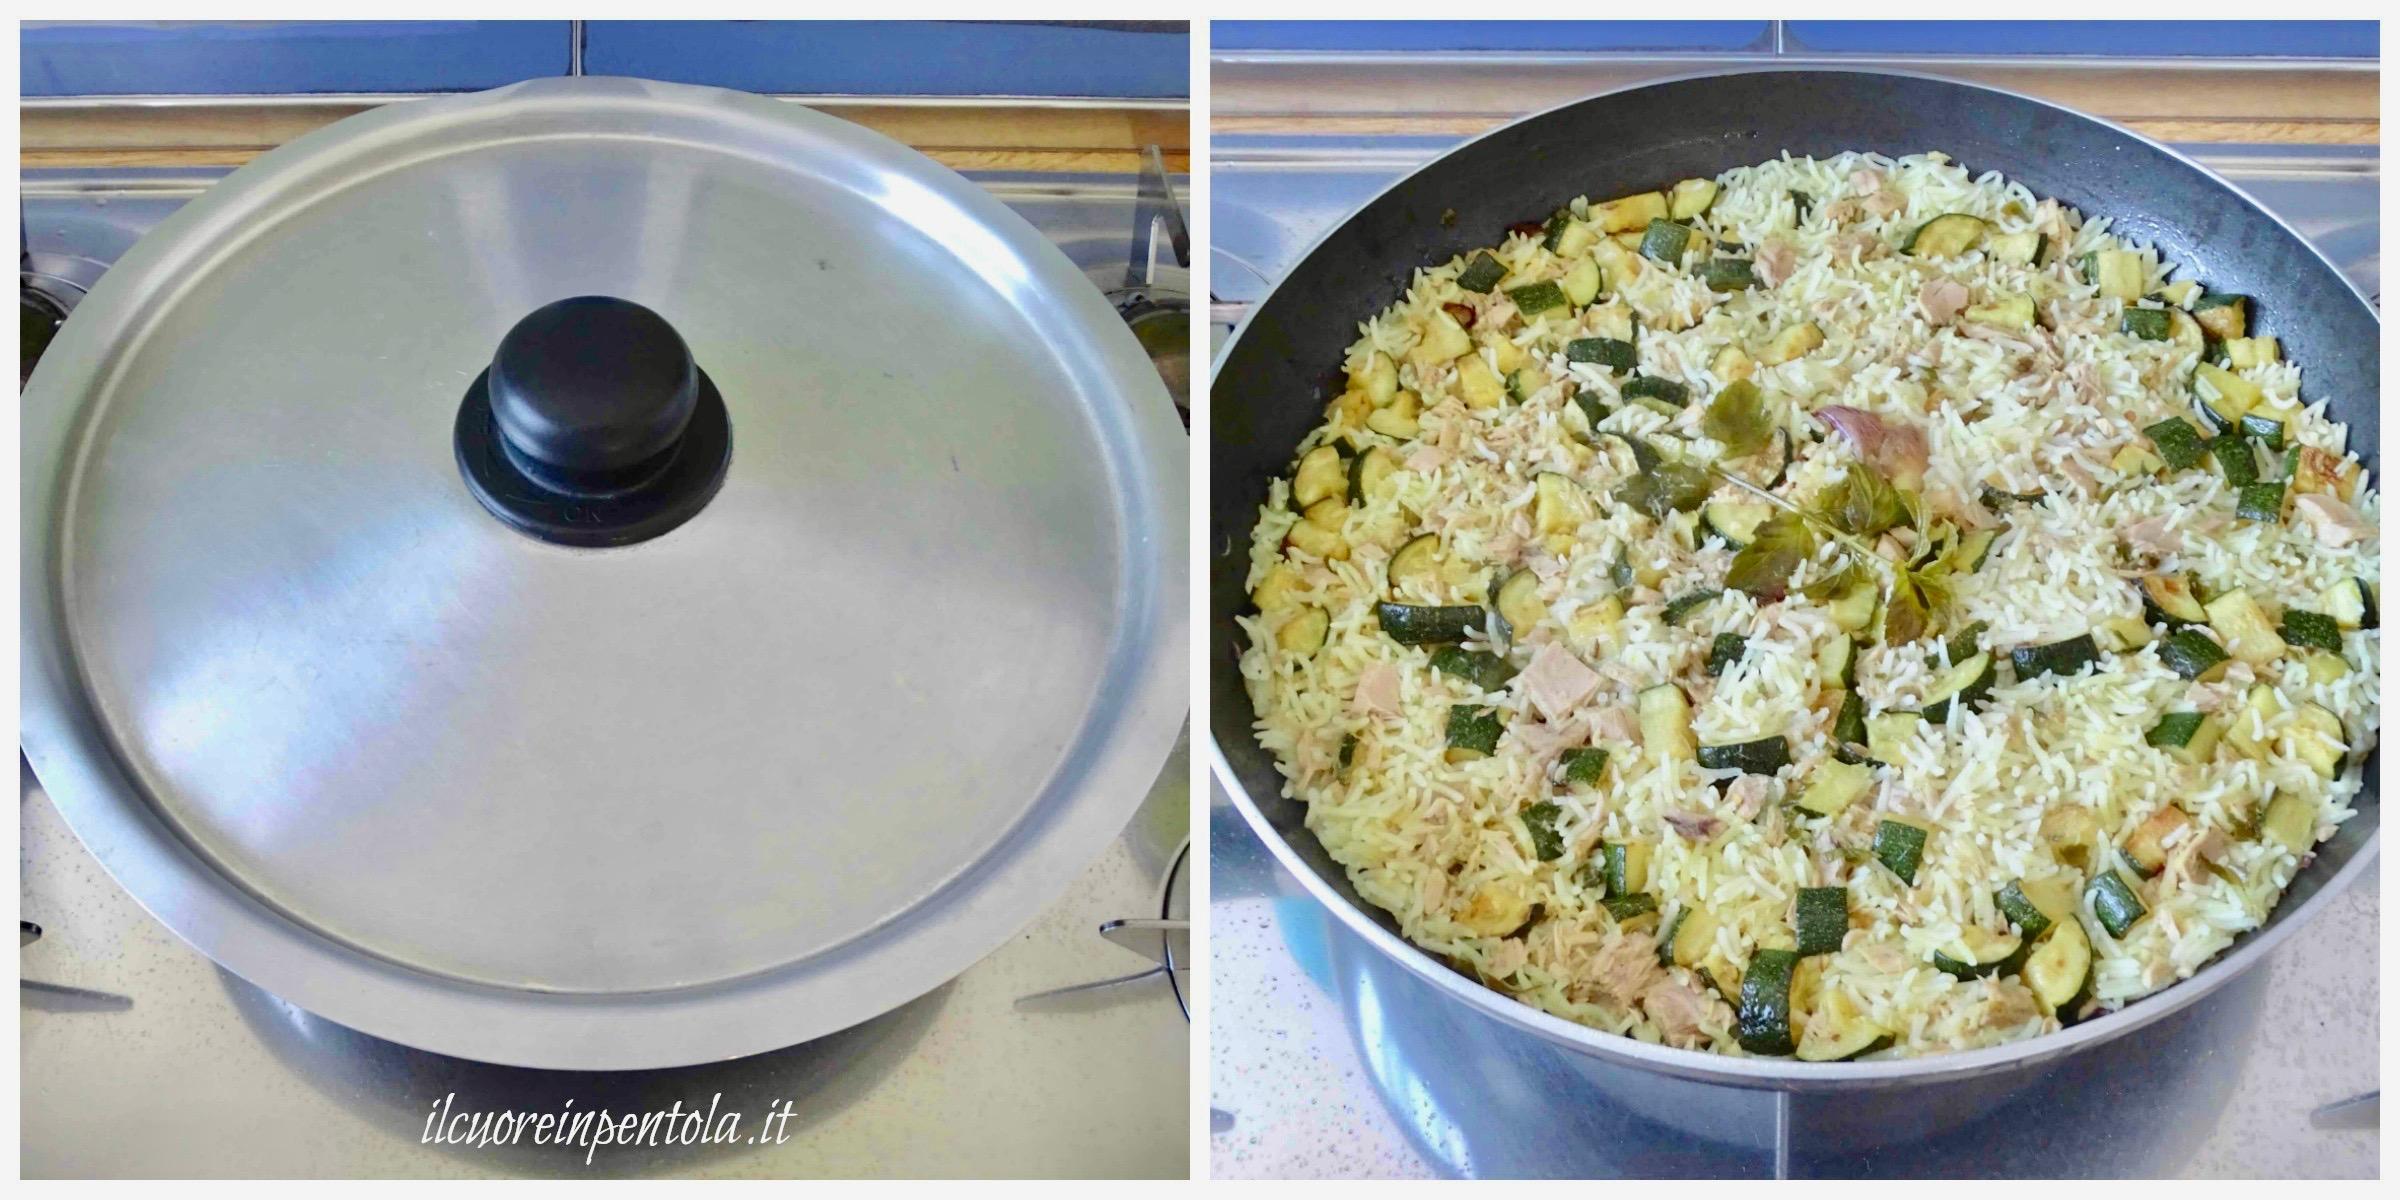 coprire e cuocere riso